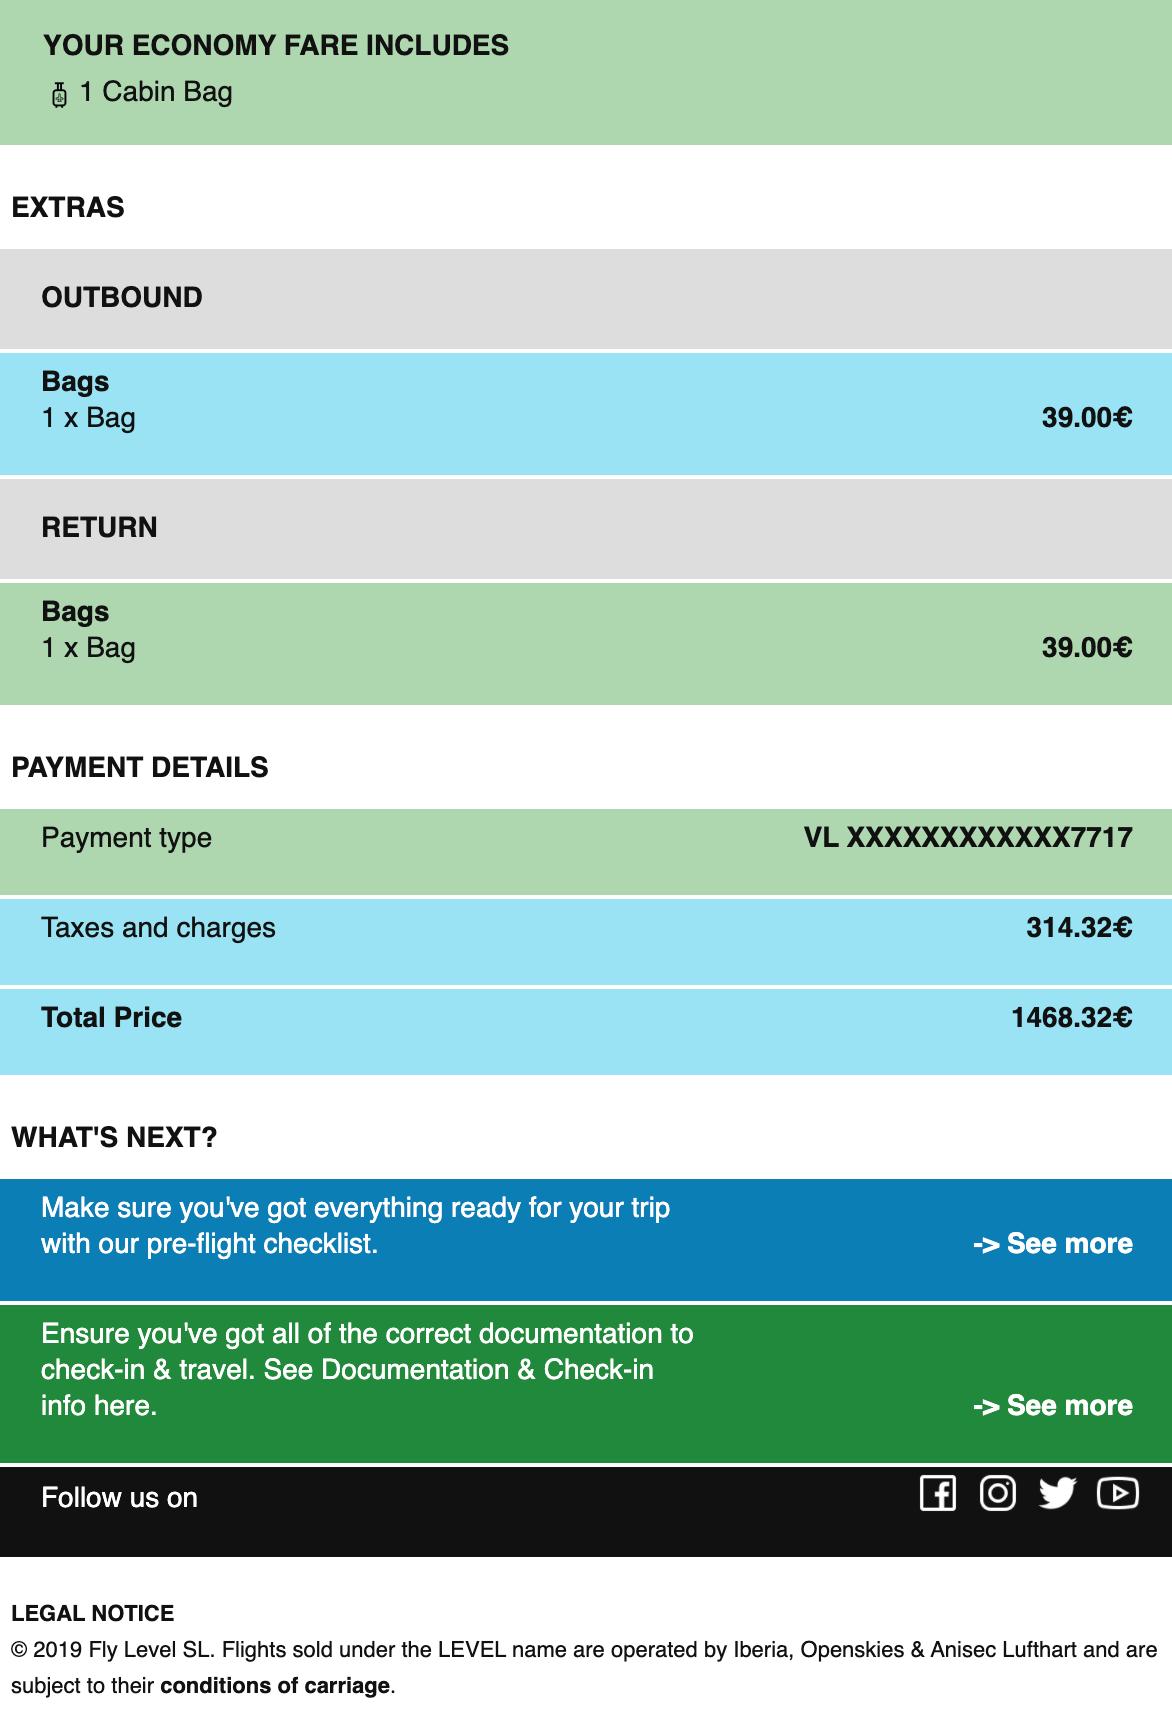 Билеты Париж— Мартиника— Париж япокупал наофициальном сайте авиакомпании «Левел»: там была самая низкая цена